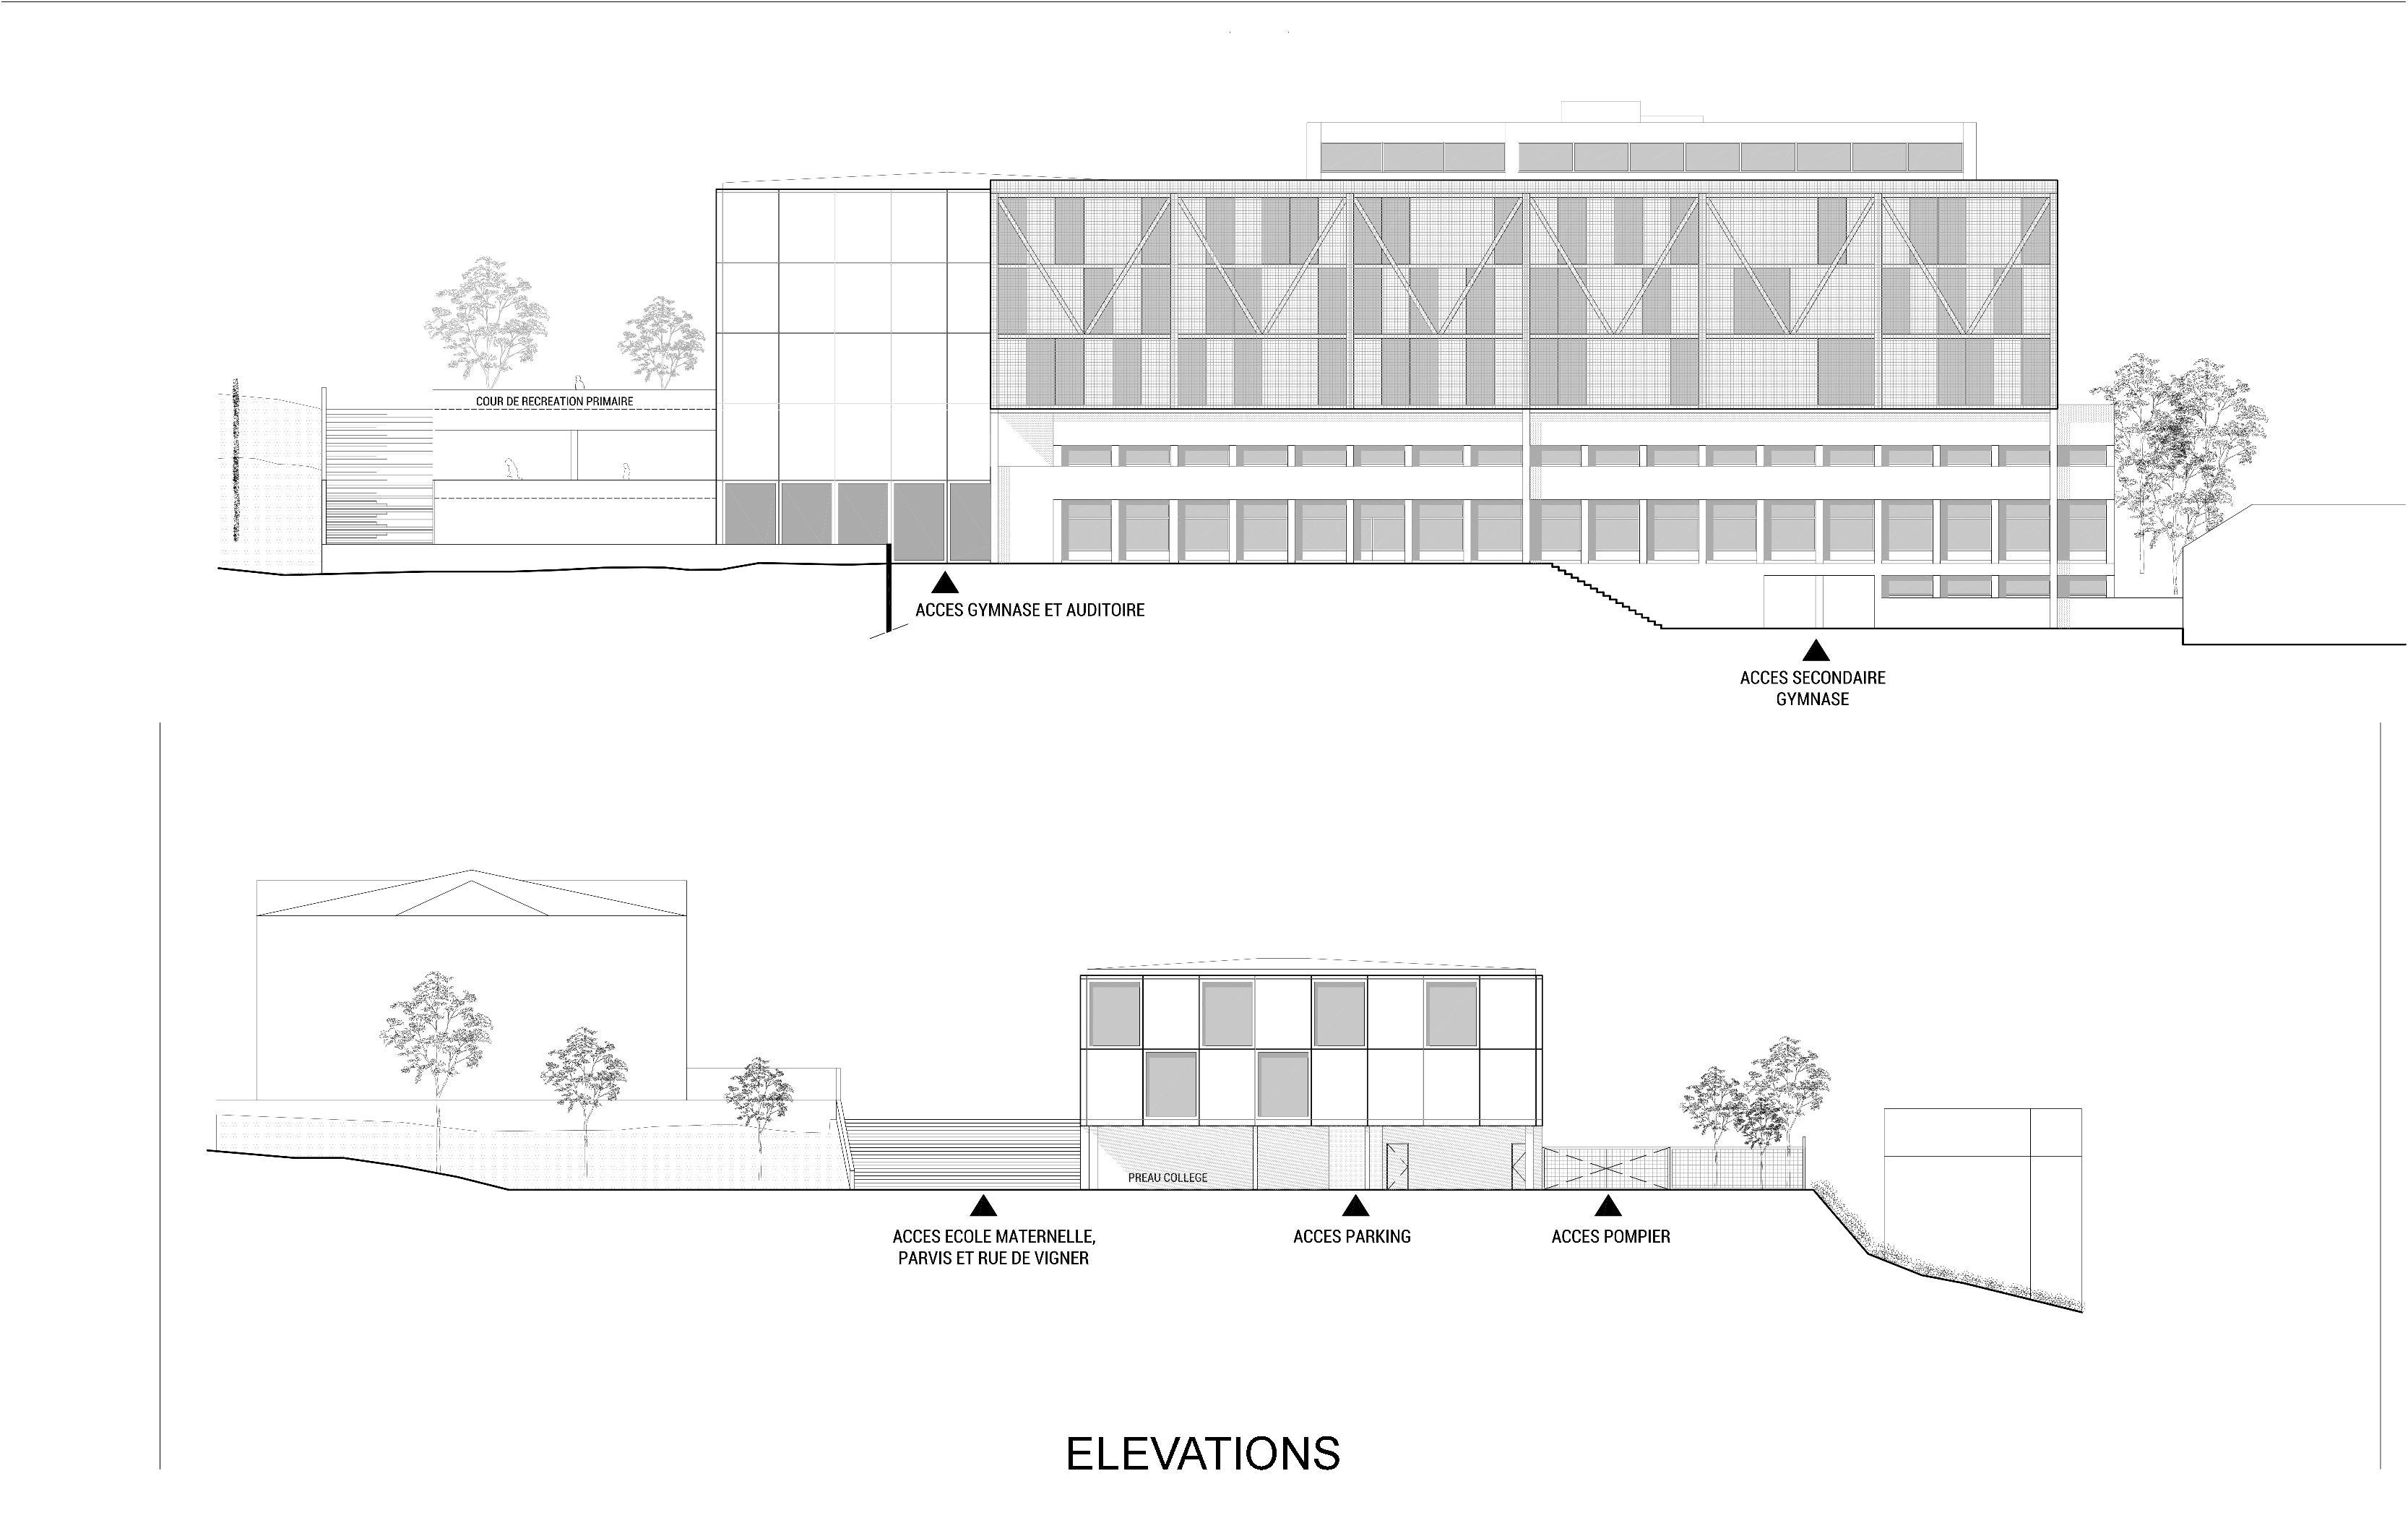 03_VIG_Elevations-page-001